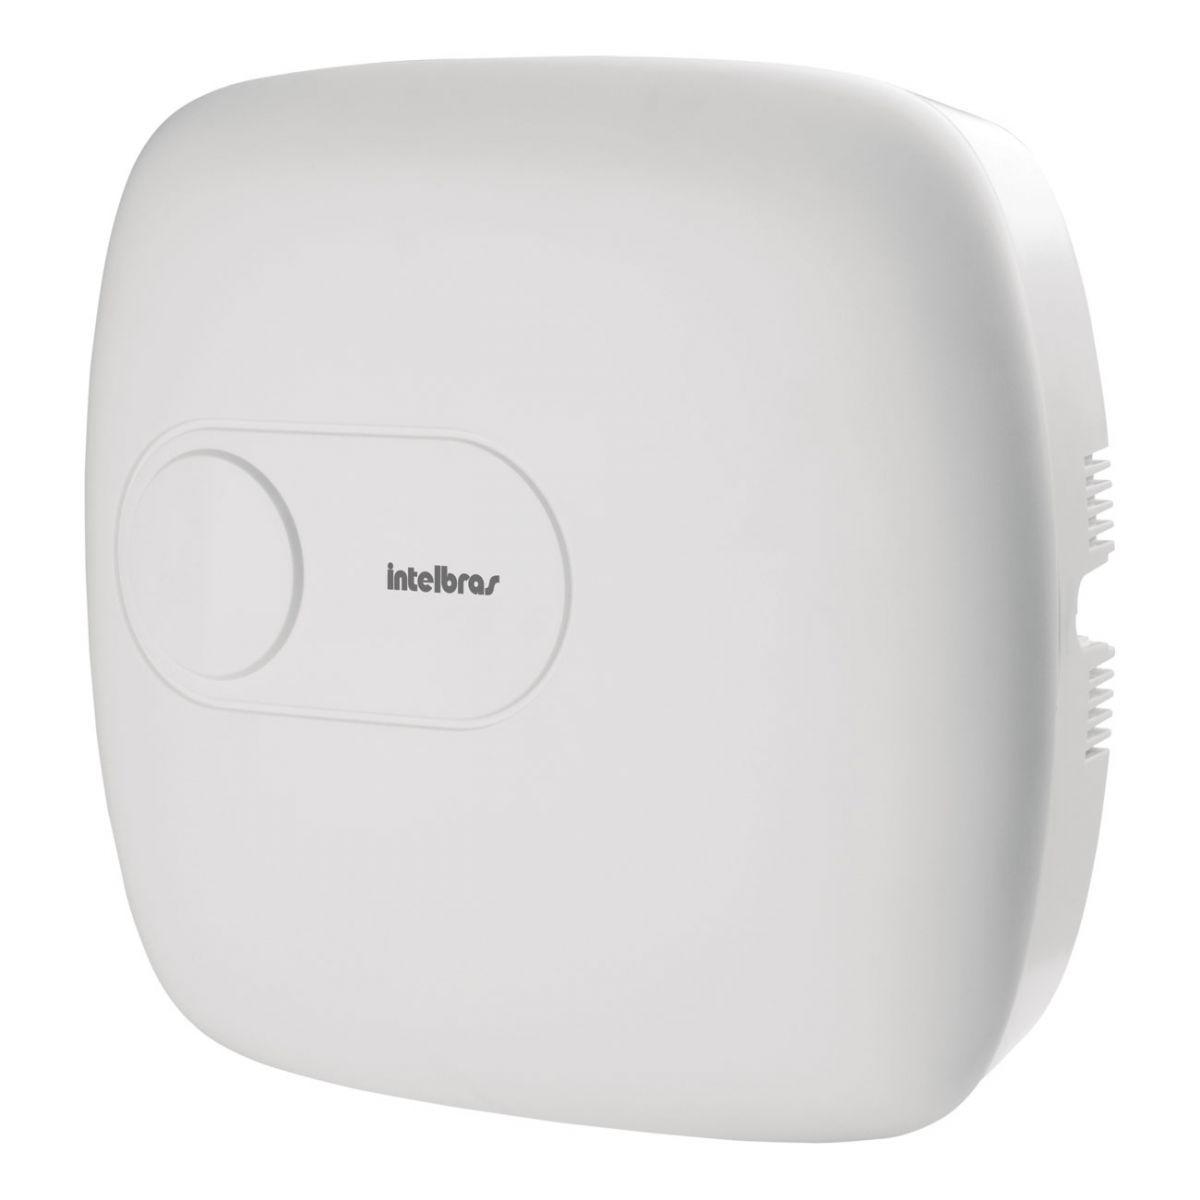 Central de alarme monitorada Intelbras 4010 SMART com até 64 zonas (4+4 painel + 2 por teclado [4 teclados] + 48 mistas [XEZ 4008 SMART, XAR 4000 SMART])  - Tudo Forte